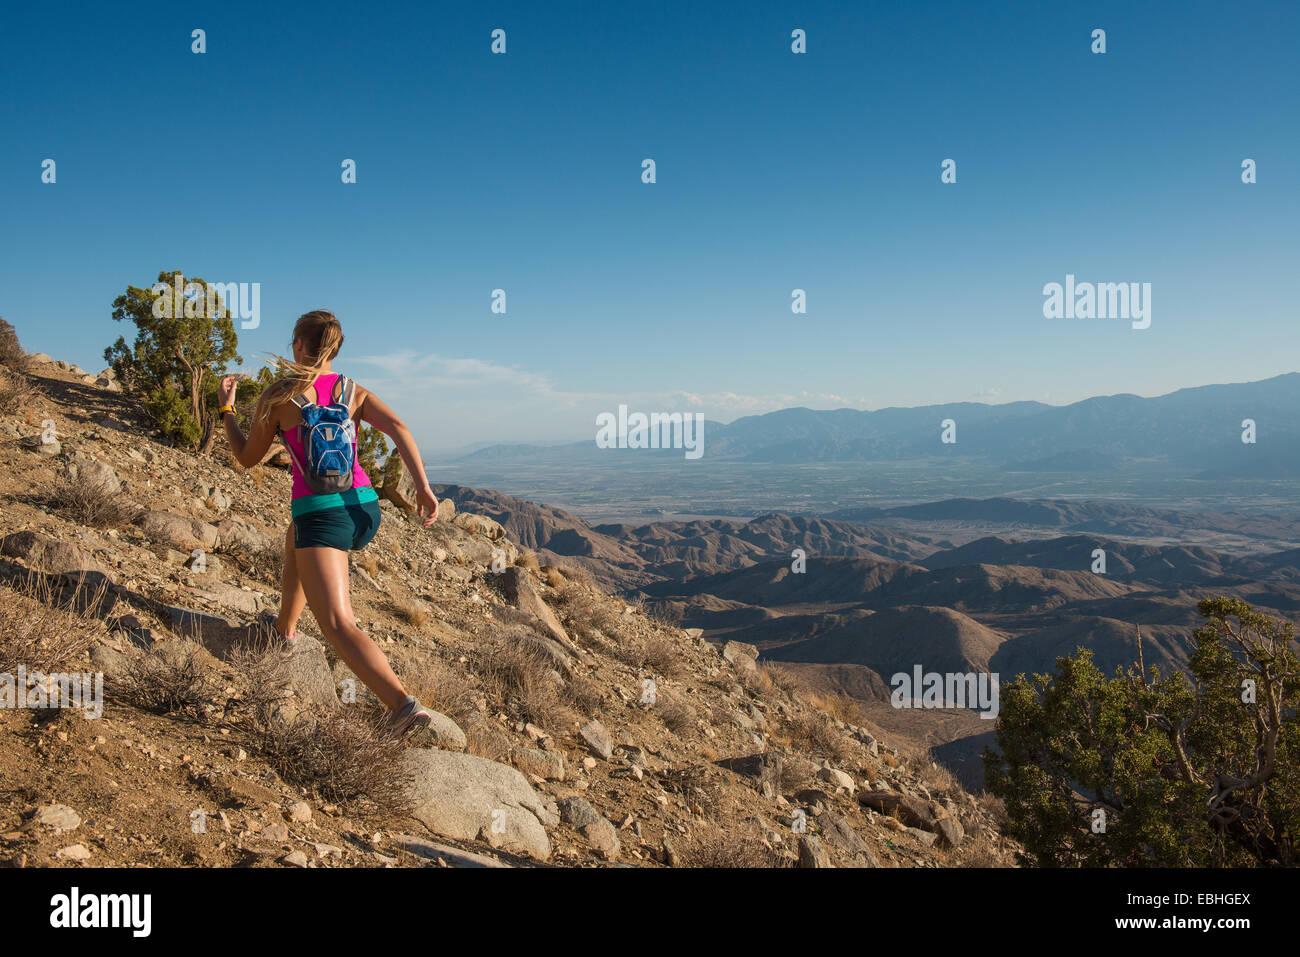 Mujer corriendo en montaña, el Parque Nacional Joshua Tree National Park, California, EE.UU. Imagen De Stock